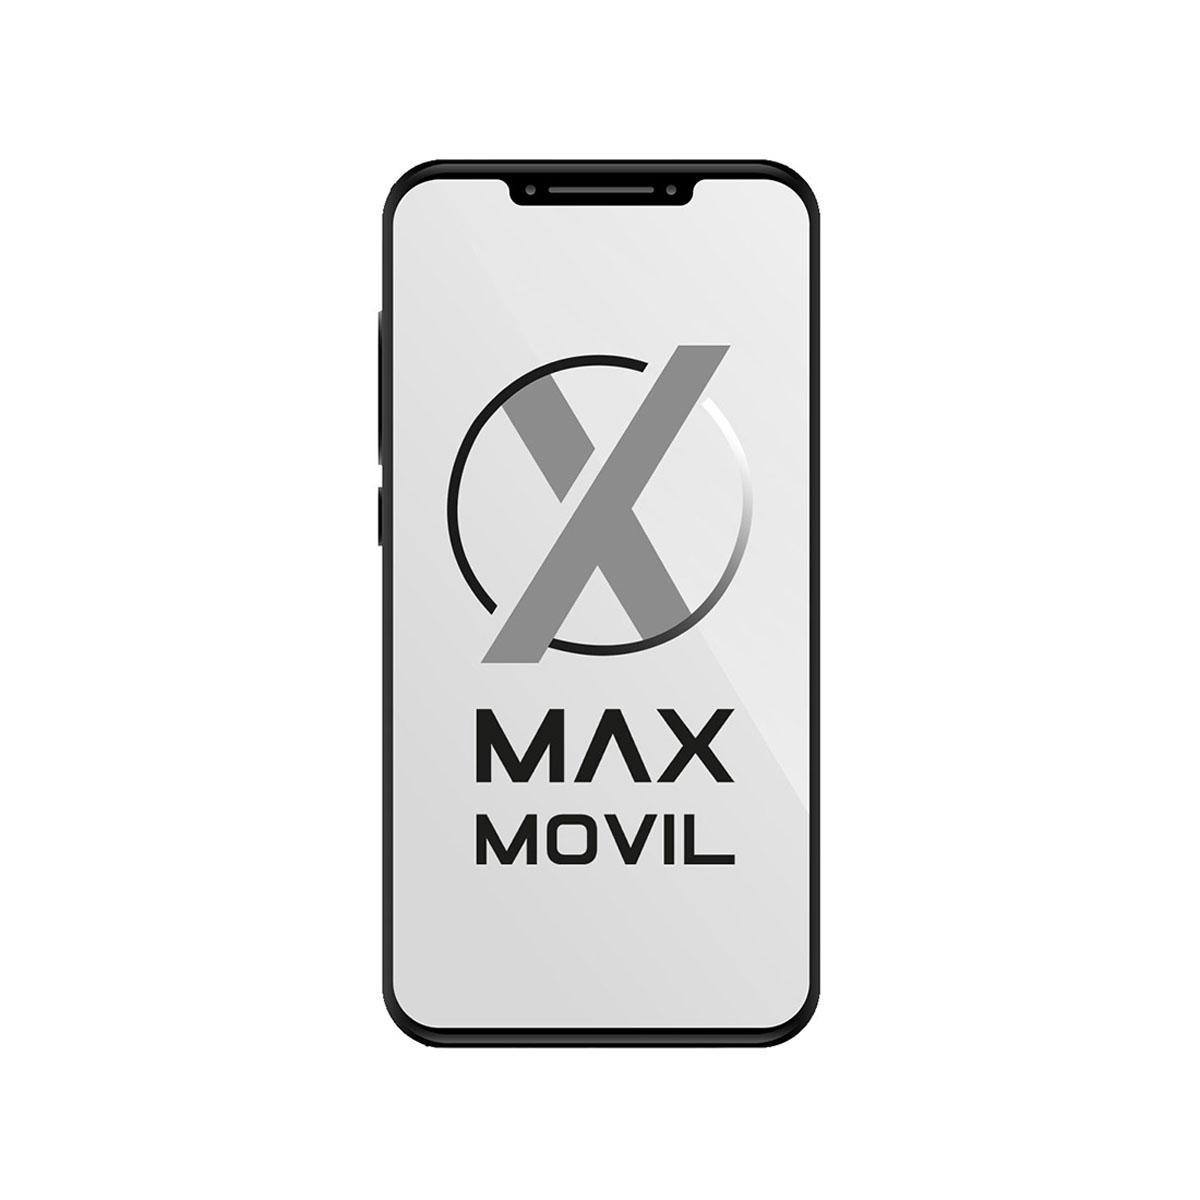 Gigaset G-tag Blanco - Localizador Bluetooth